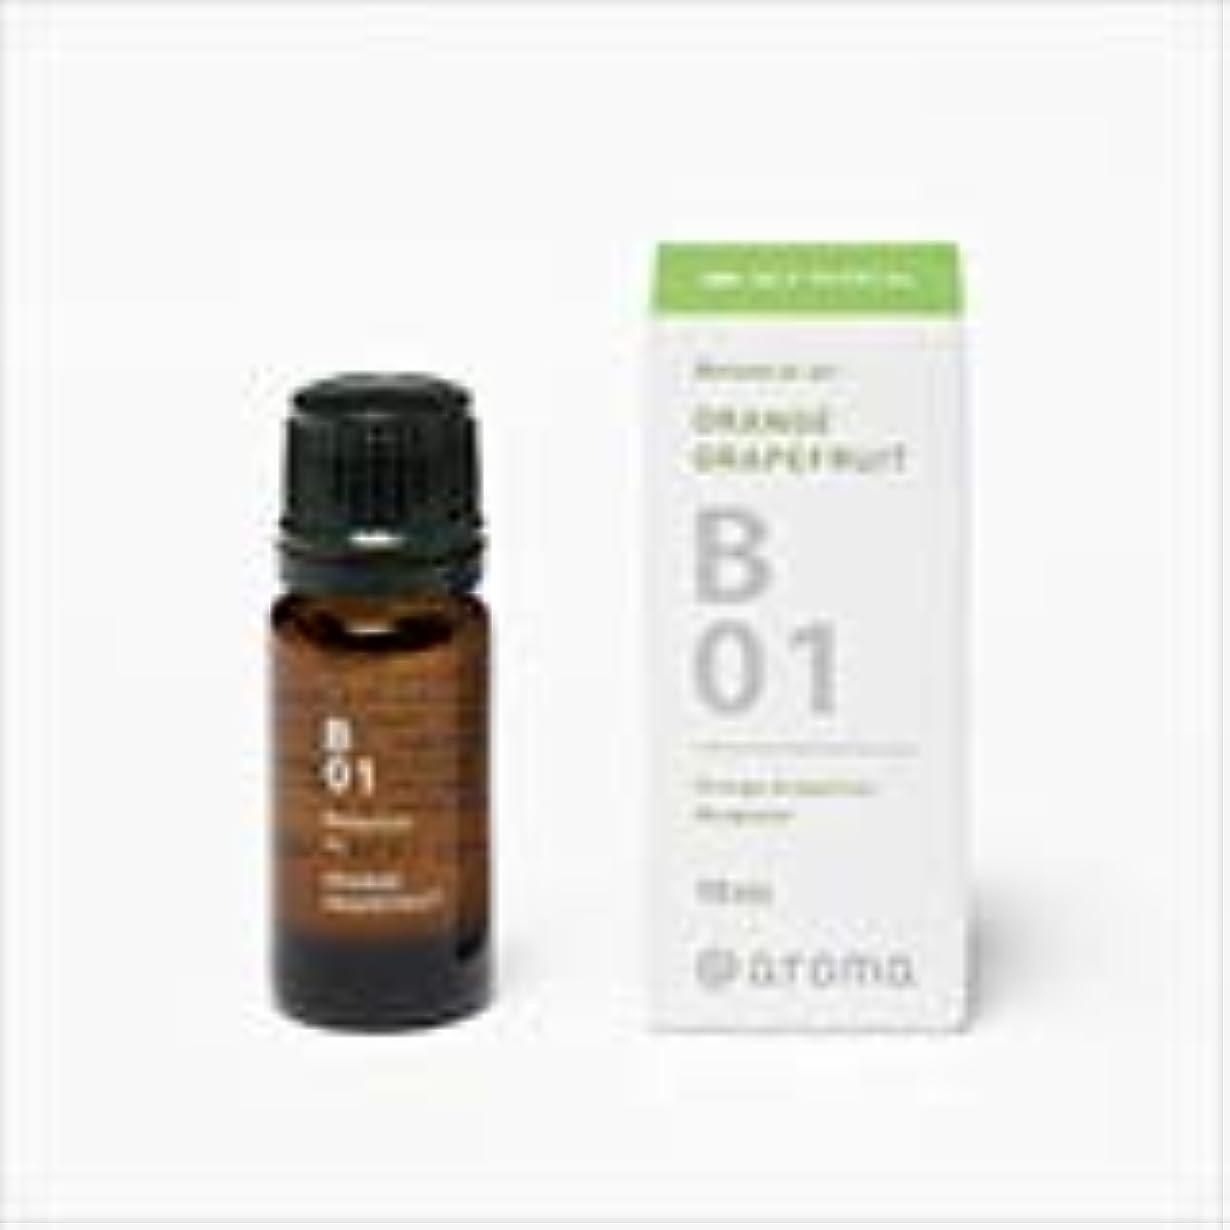 大工ペインギリック感度アットアロマ 100%pure essential oil <Botanical air ラベンダーミント>